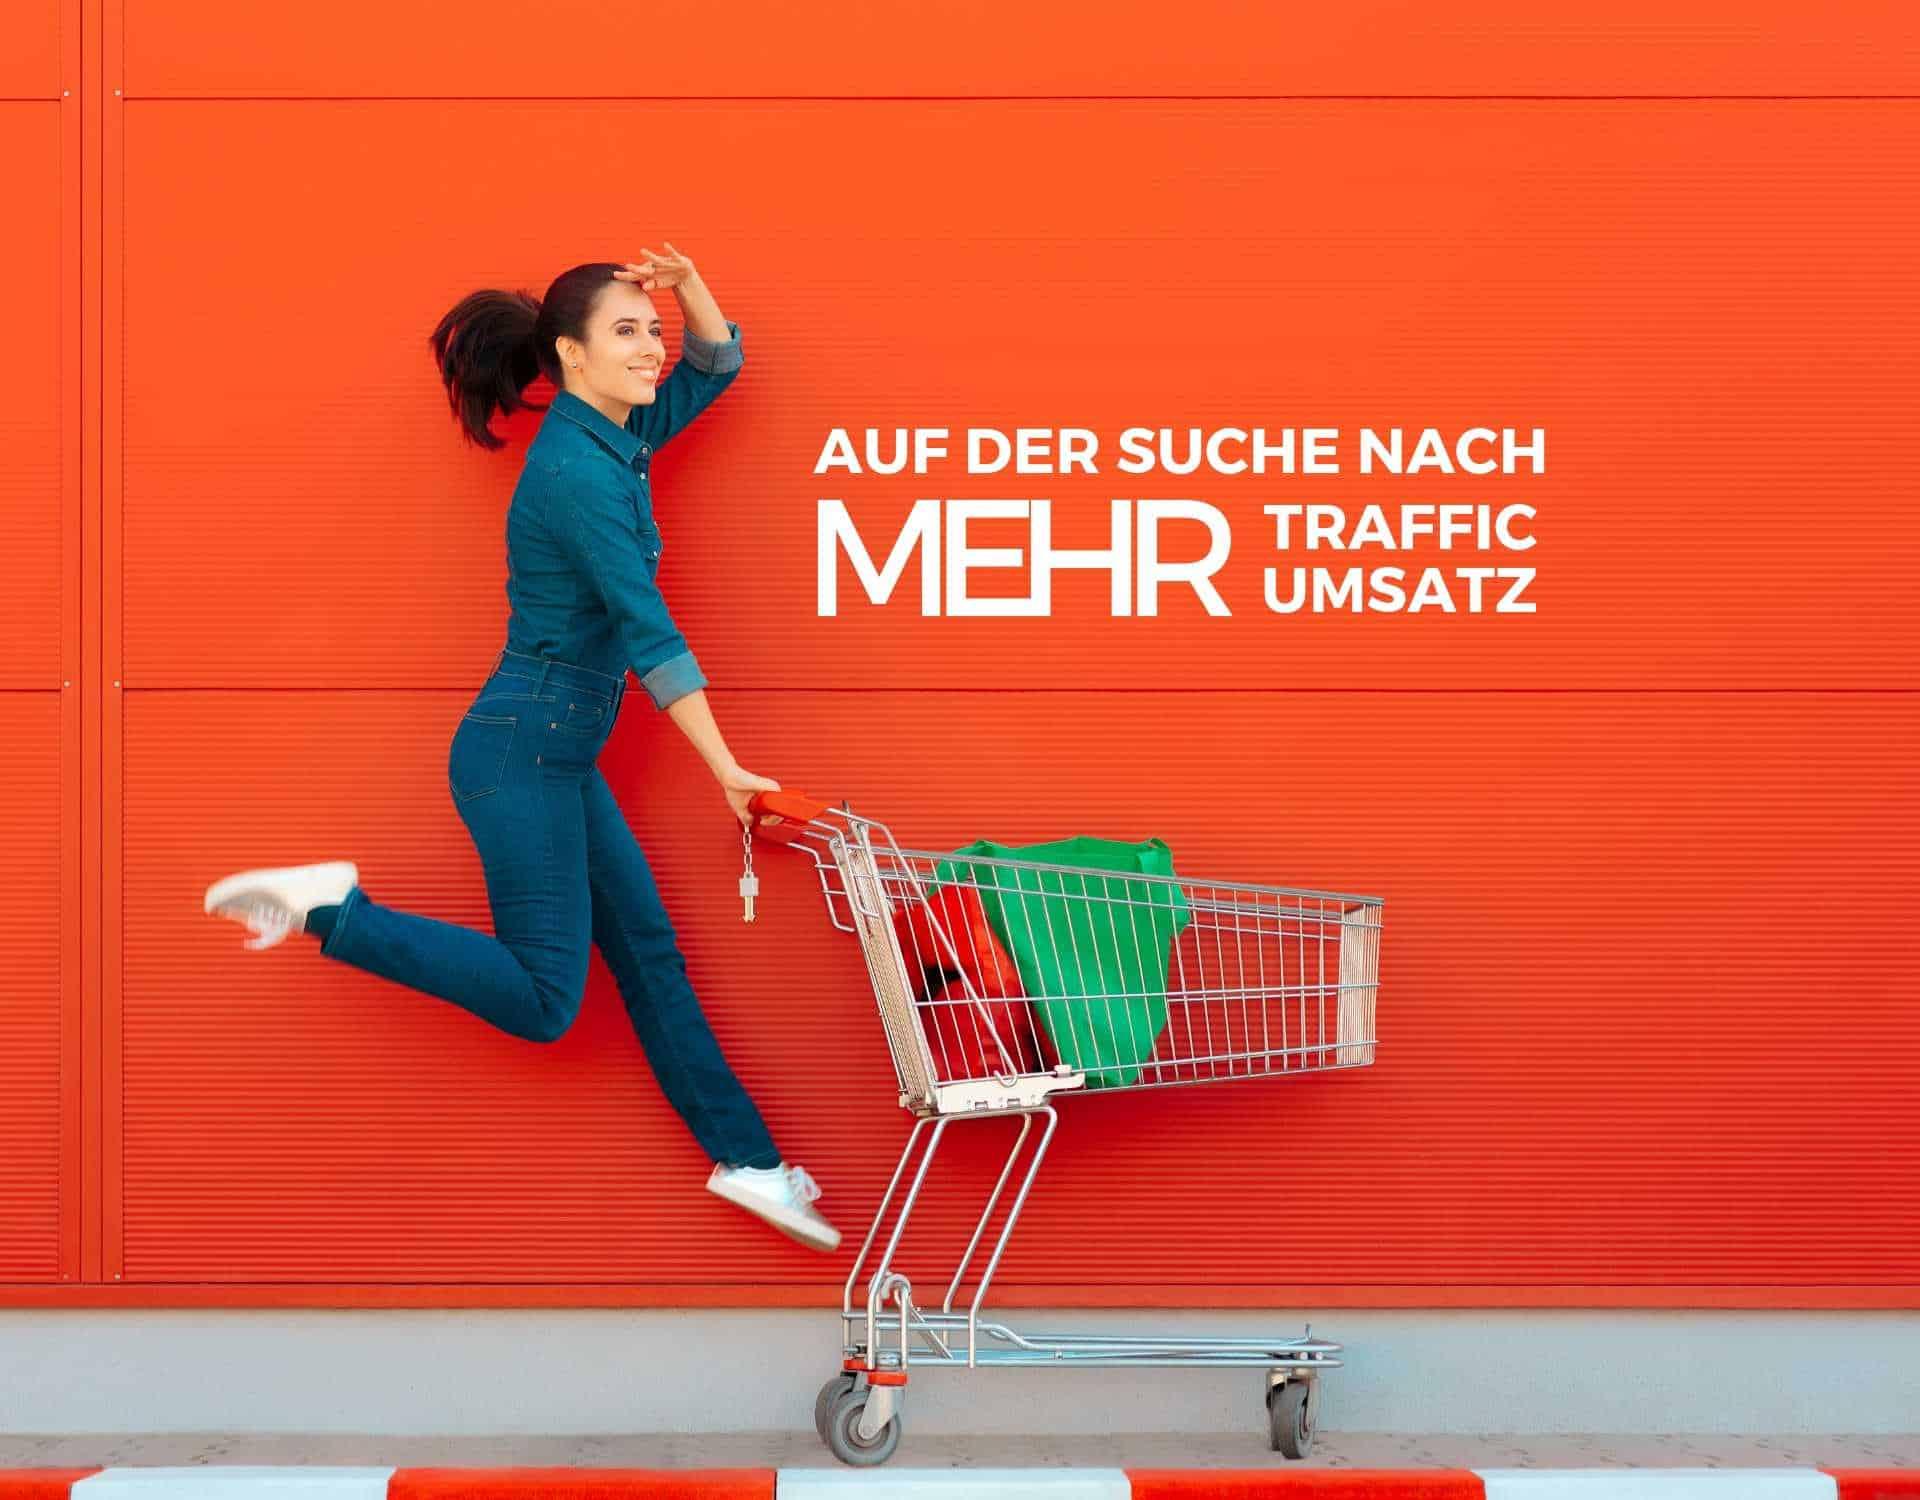 Website Traffic Umsatz steigern neumeith.at